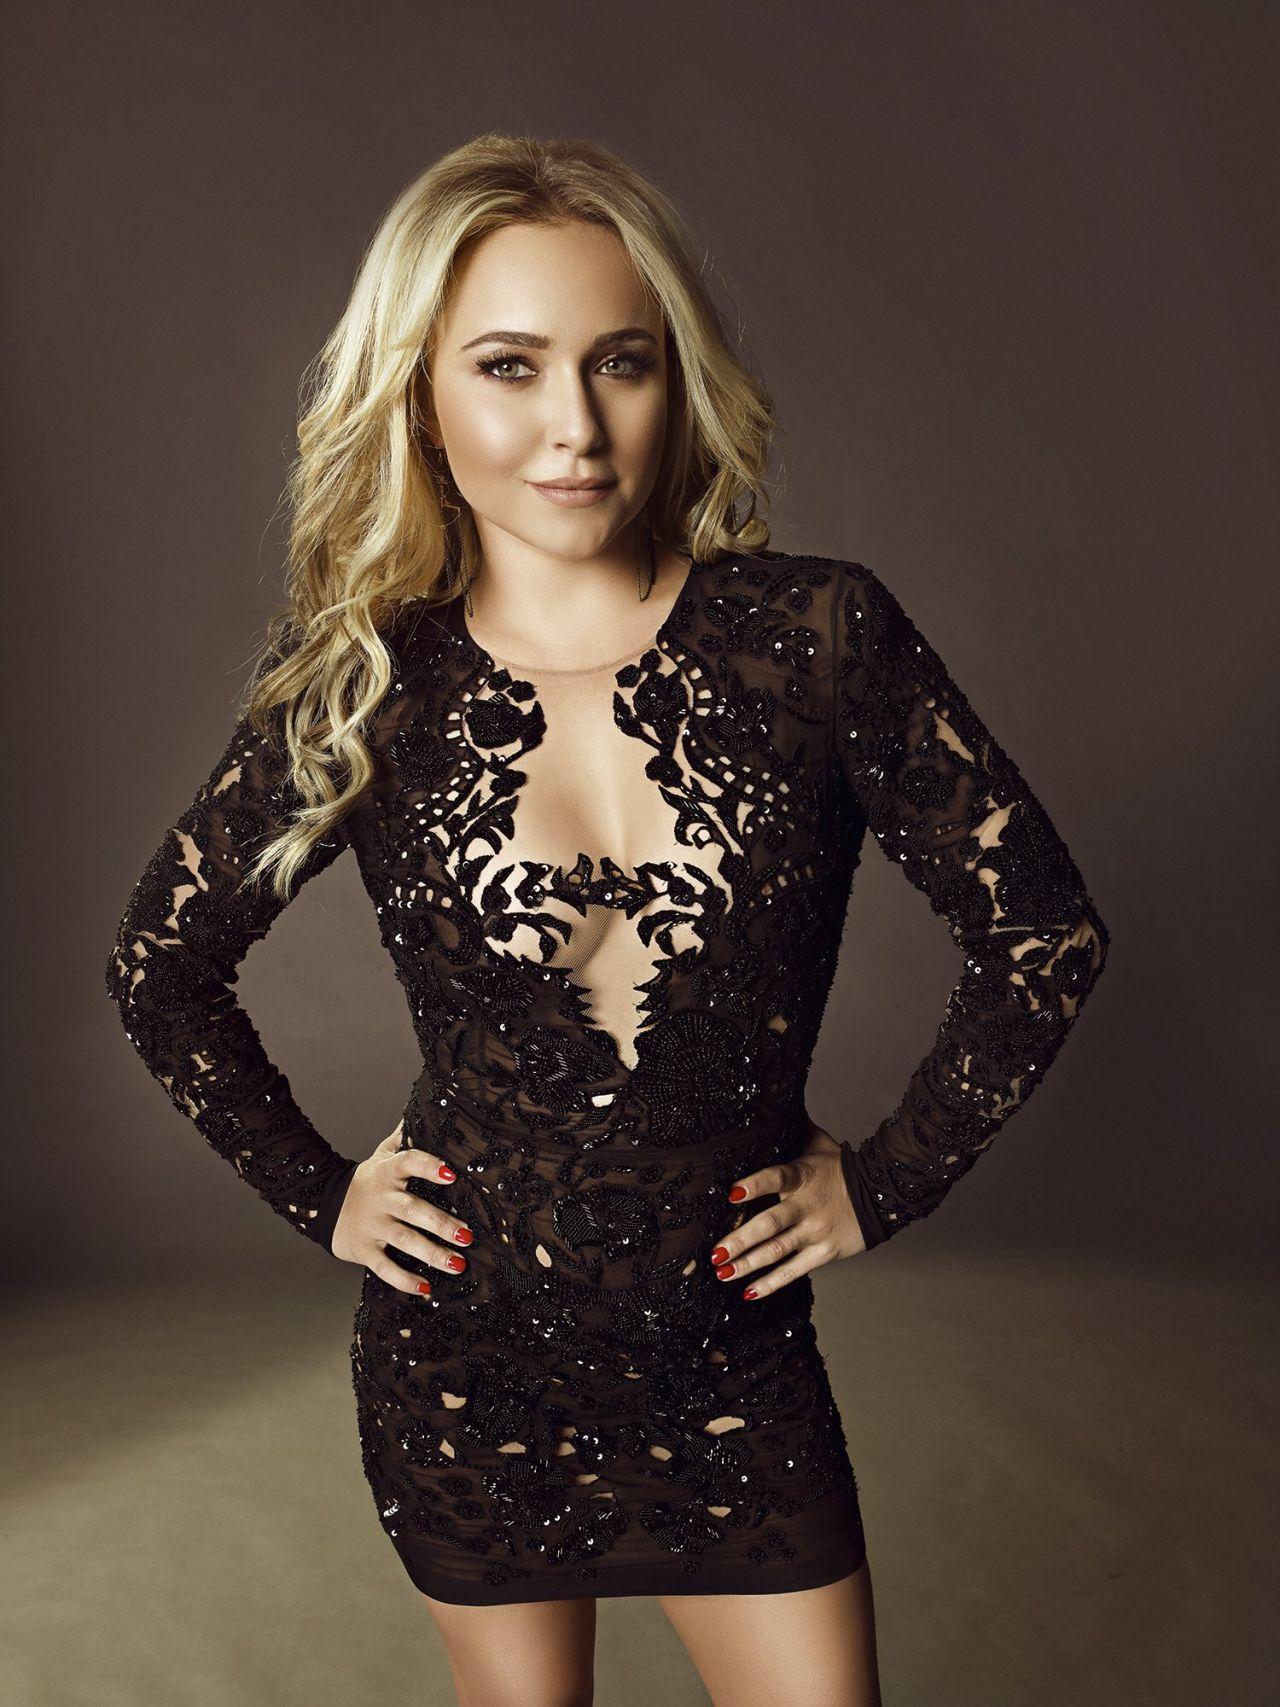 Hayden Panettiere Nashville Season 5 Promo